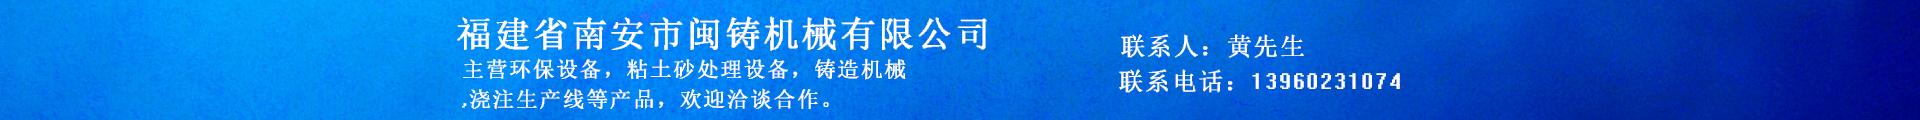 福建省南安市閩鑄機械有限公司